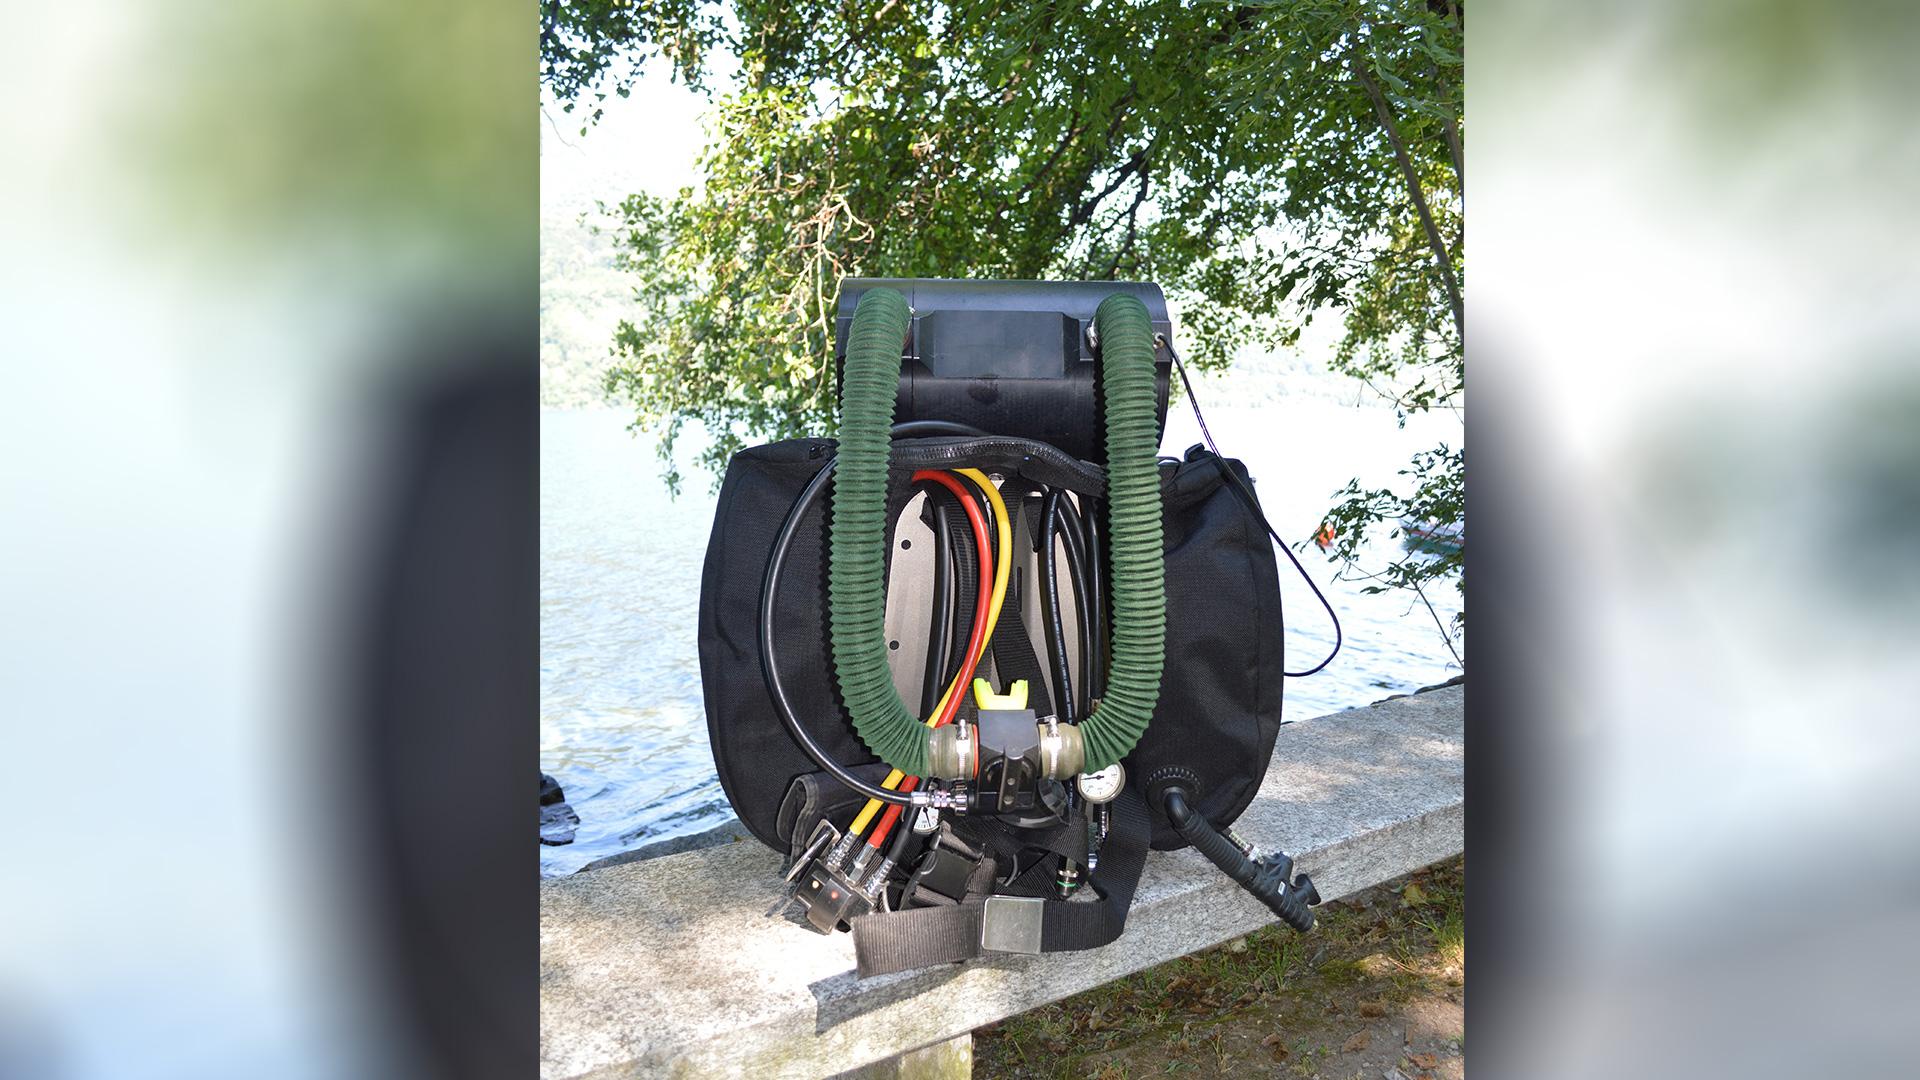 mireb-milan-rebreather